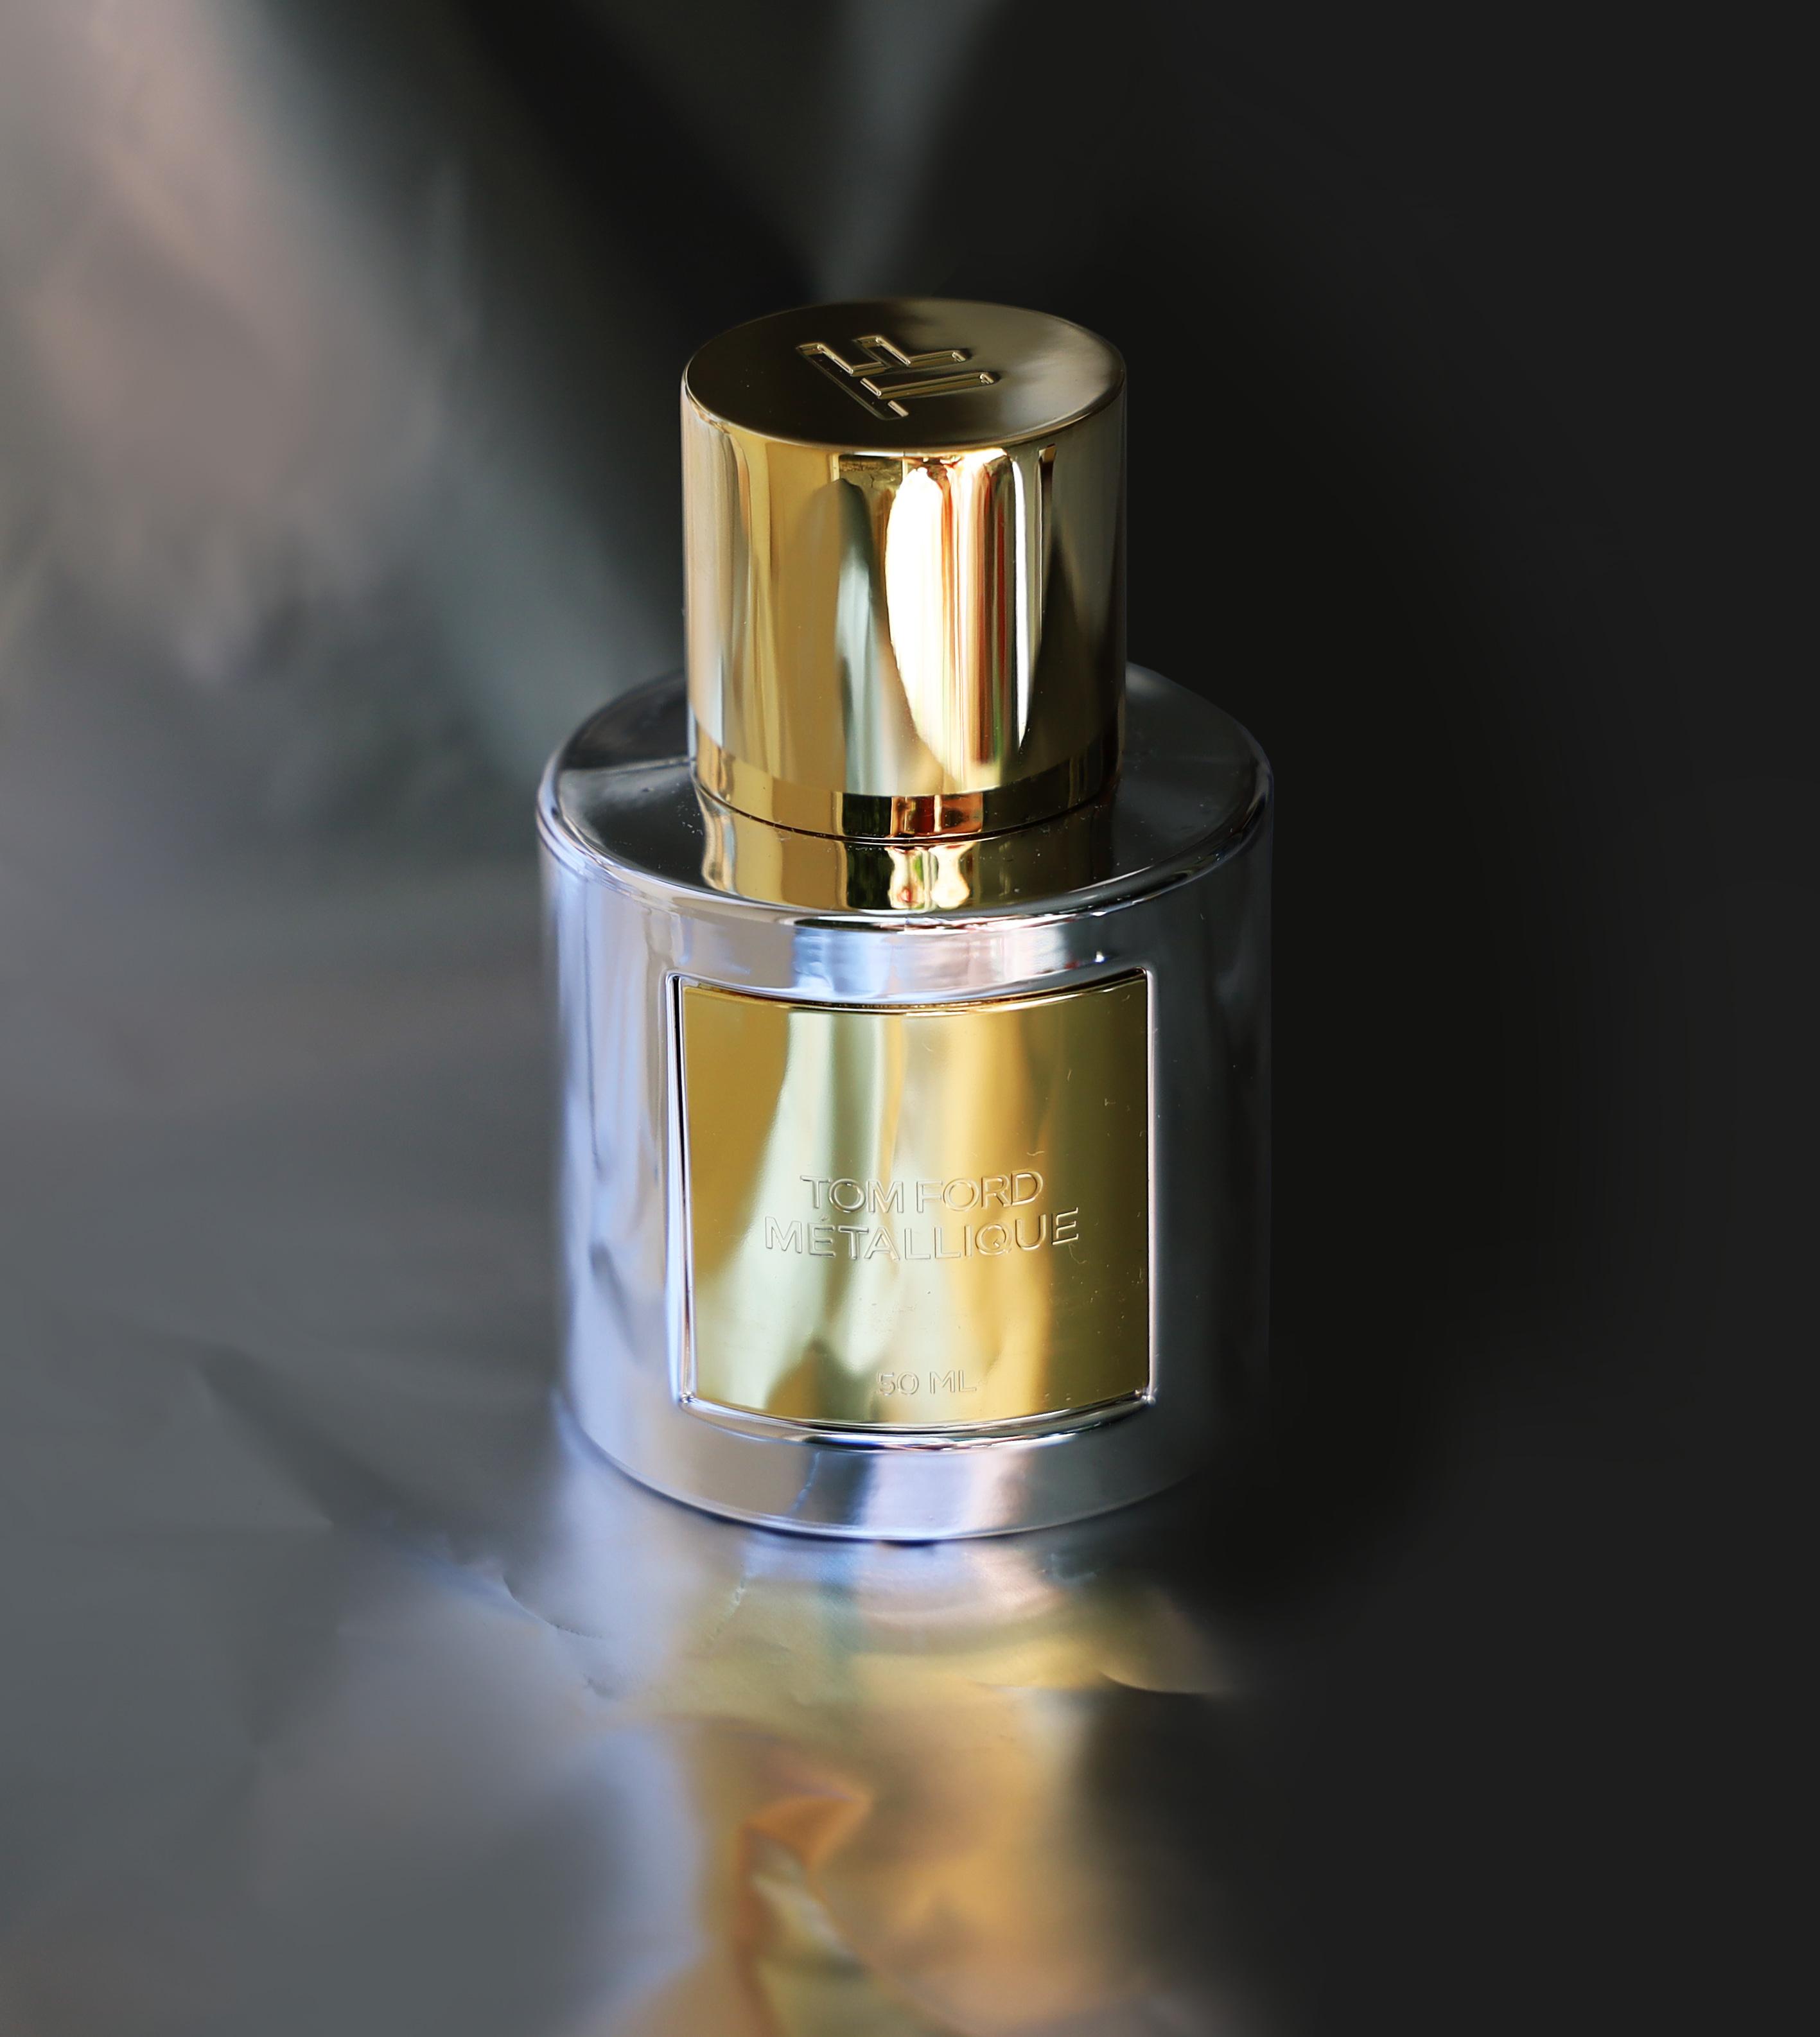 Bouteille de parfum Tom Ford Métallique sur support argenté